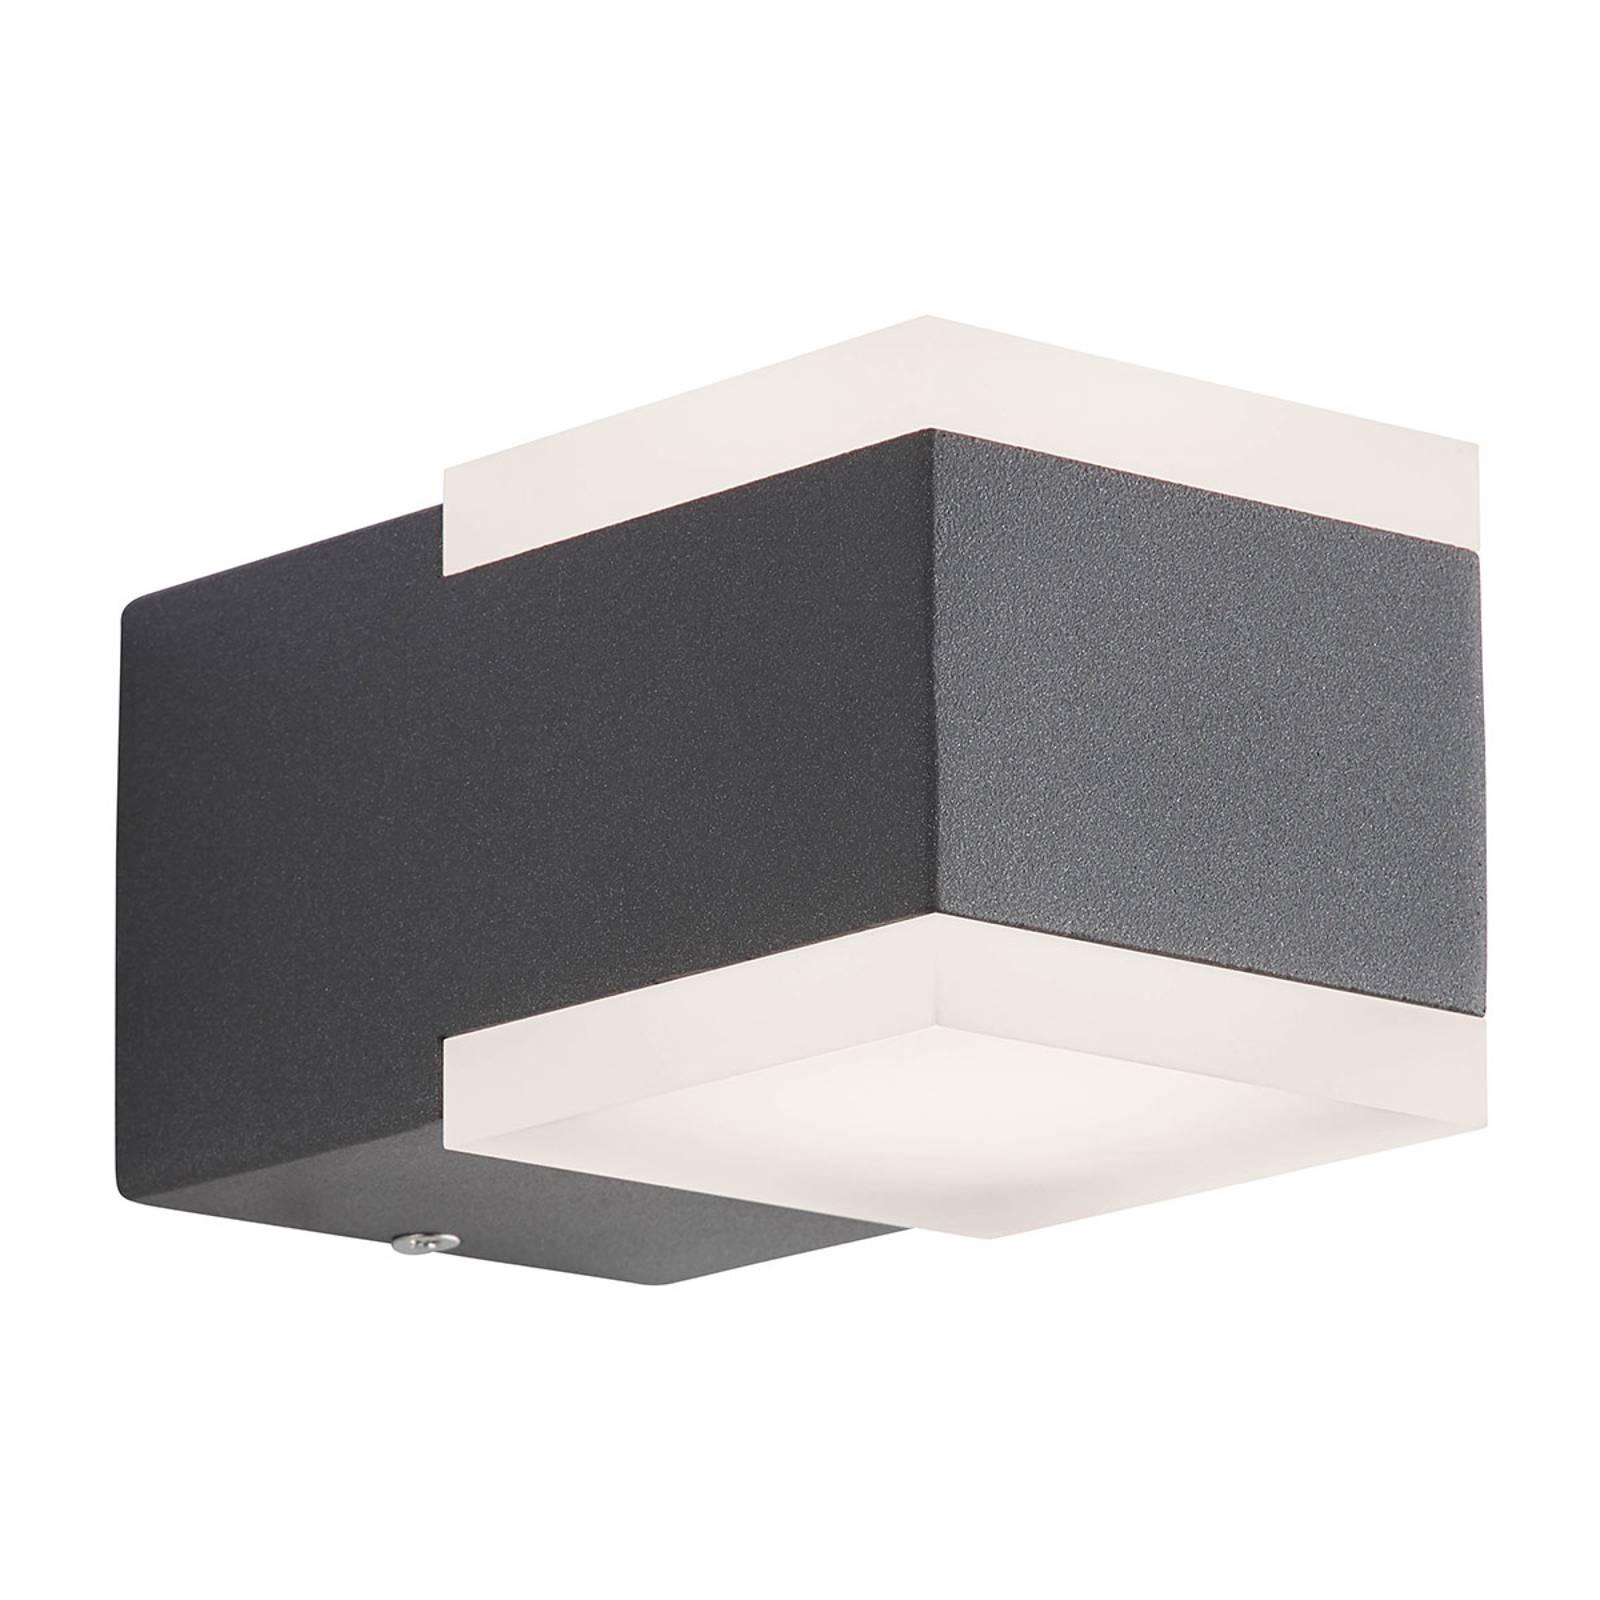 AEG Amity -LED-ulkoseinälamppu, 2-lamppuinen